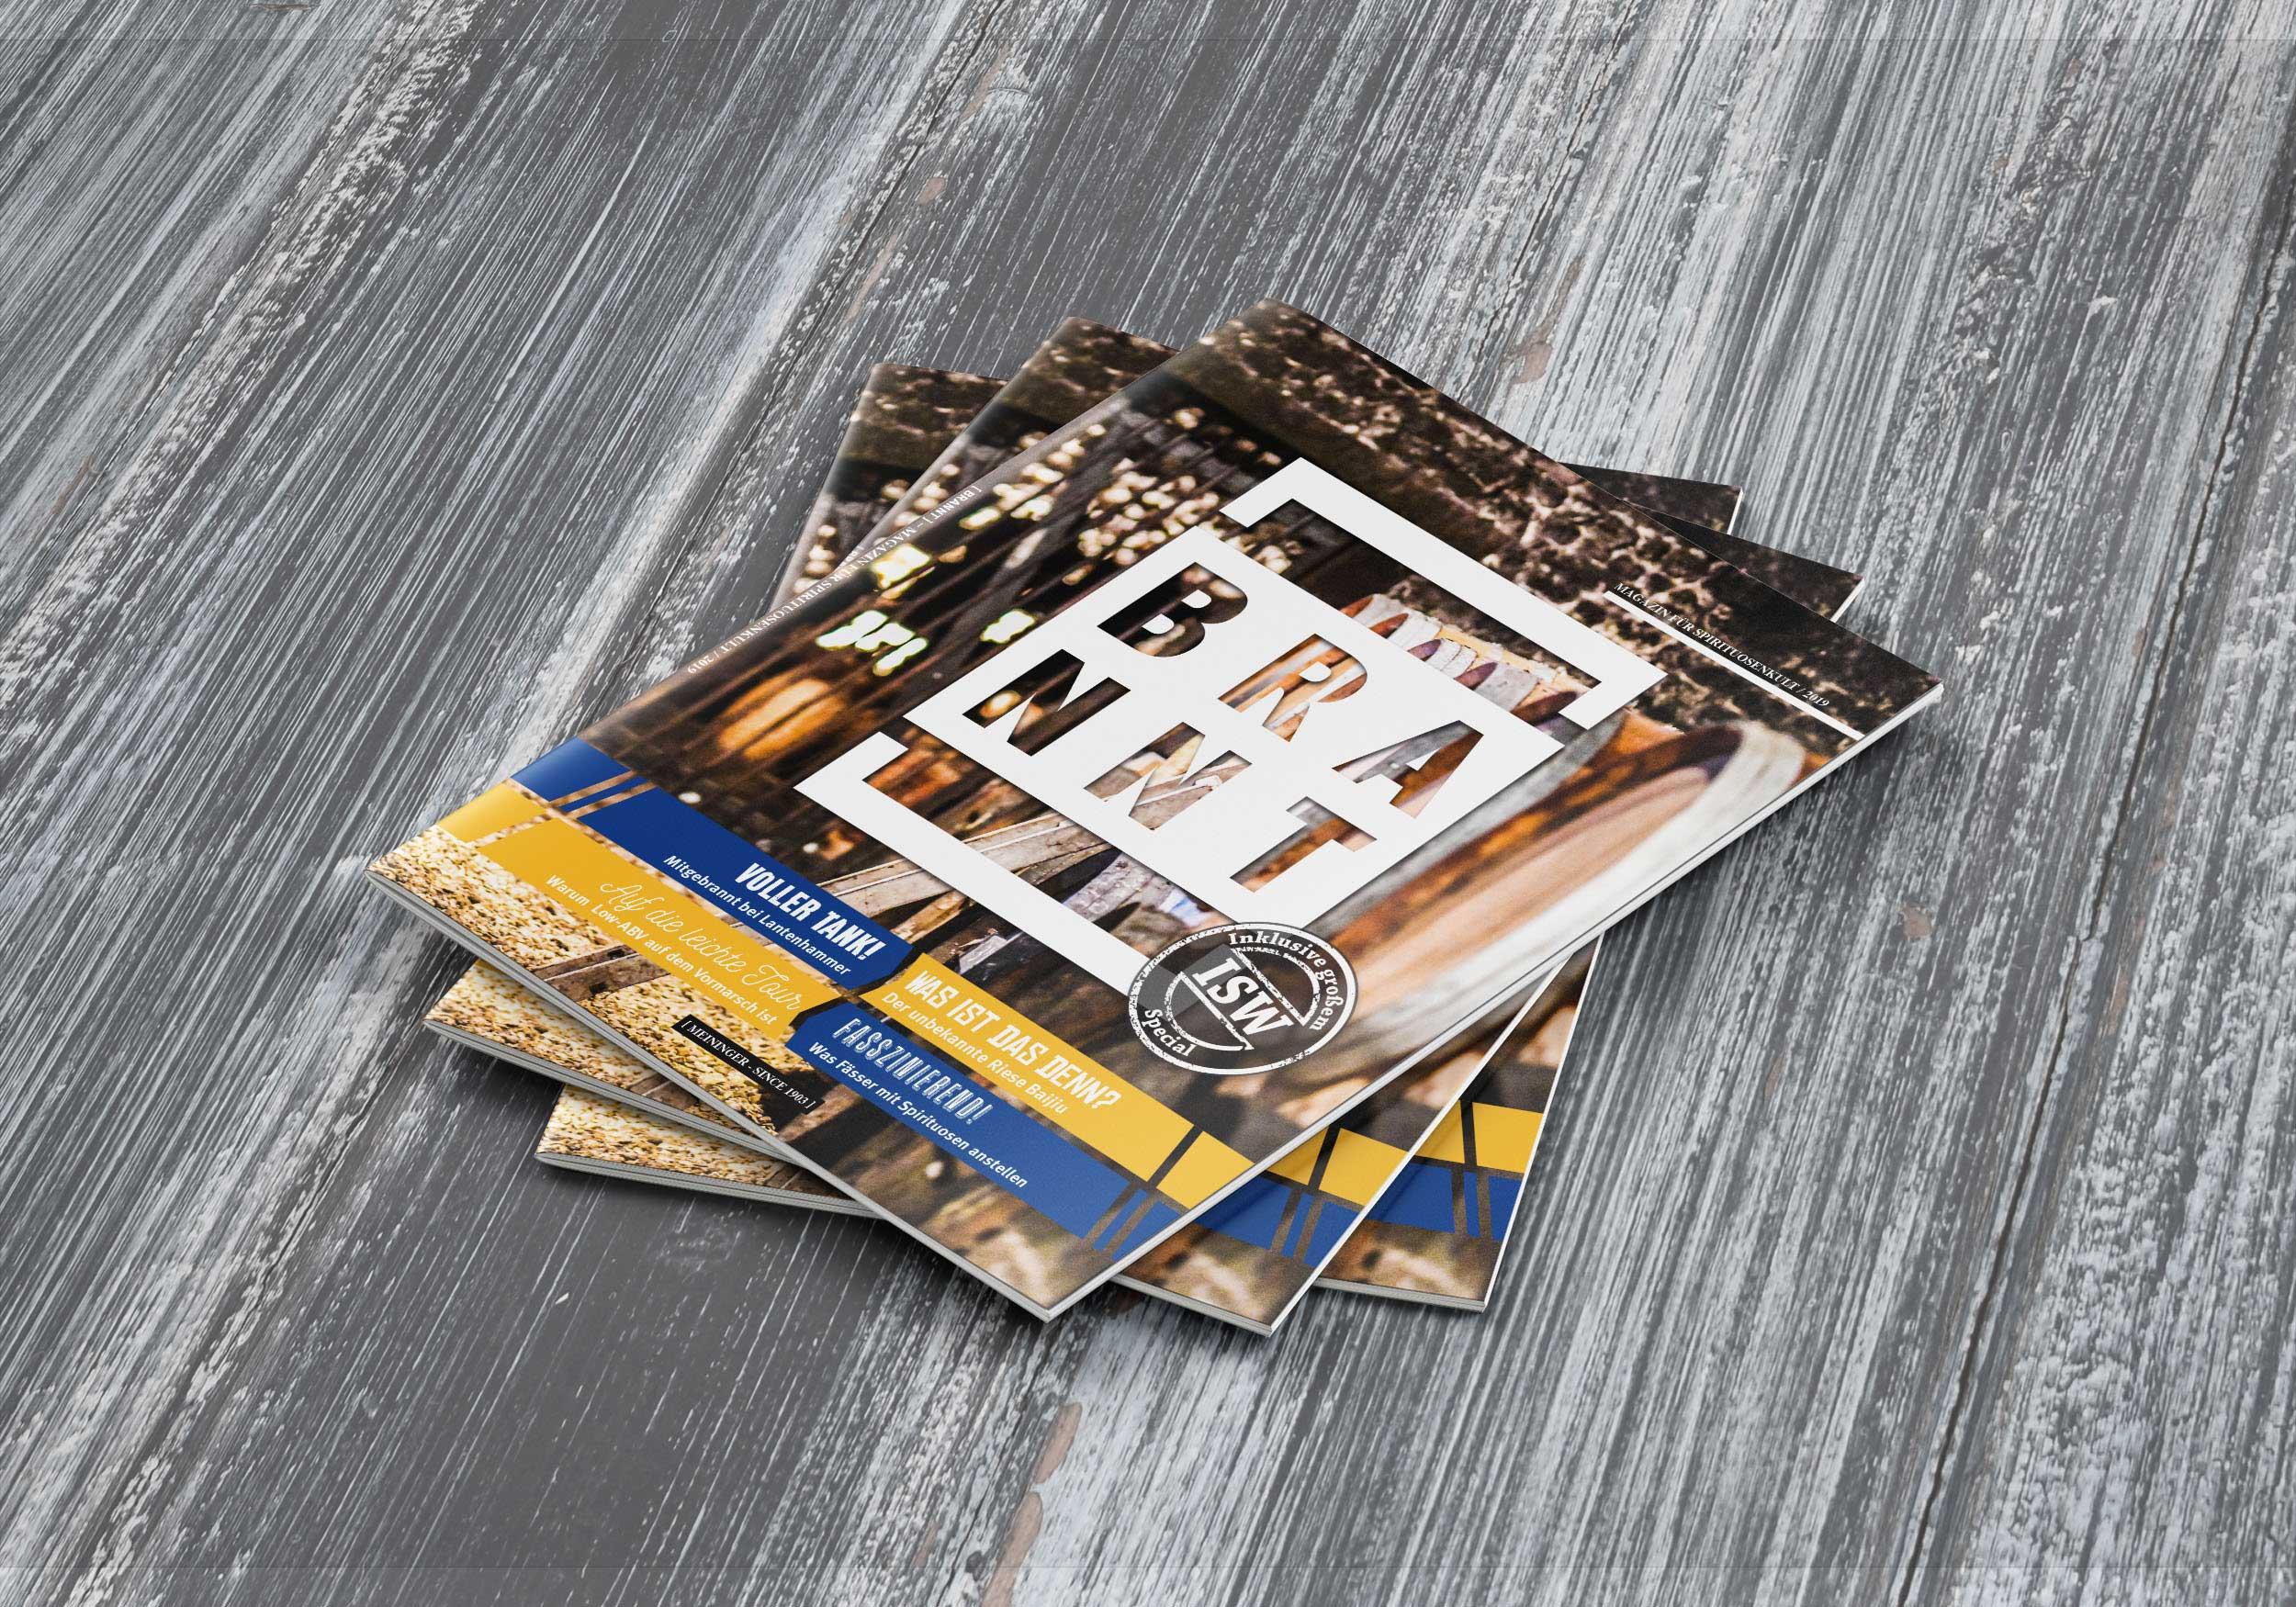 BRANNT – Magazin für Spirituosenkult | Meininger Verlag | Design/Content